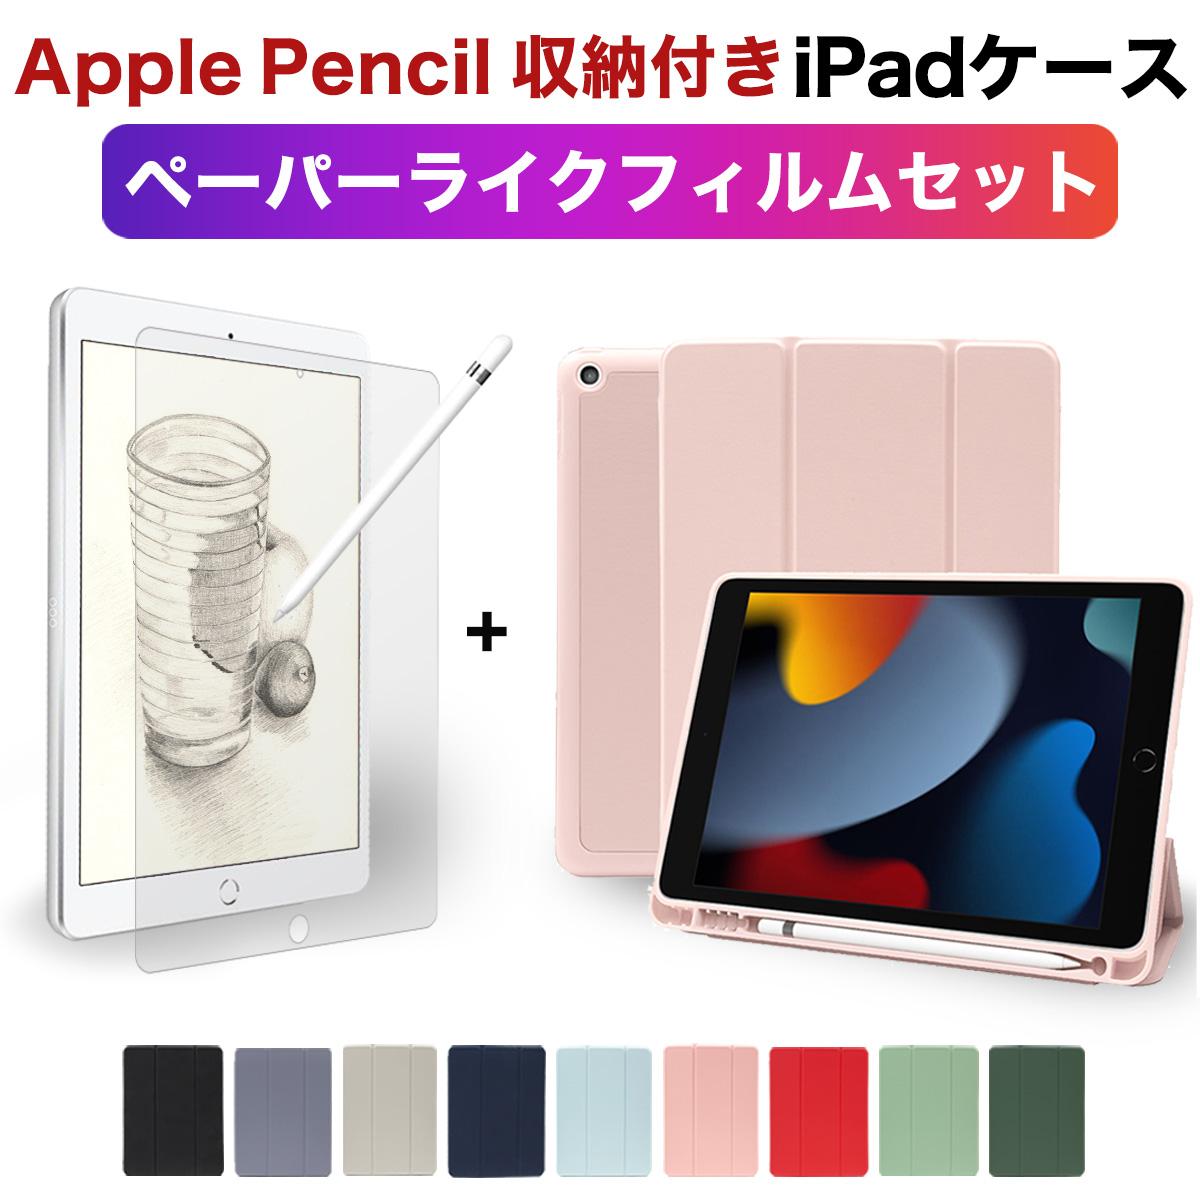 ペン収納付きケース と ペーパーライク フィルム のお得なセット 新型 2021年モデル 対応 耐衝撃 ケース 2020春夏新作 紙のような描き心地のフィルム アップルペンシルホルダー 売店 付き セット 2021 2020 新型対応 ペン収納付き iPad + Pro 10.2 9.7 12.9 第8世代 mini5 11インチ カバー ペーパーライクフィルム おしゃれ Apple 第7世代 2019 ホルダー Air3 Air4 可愛いpress《M Pencil 2018